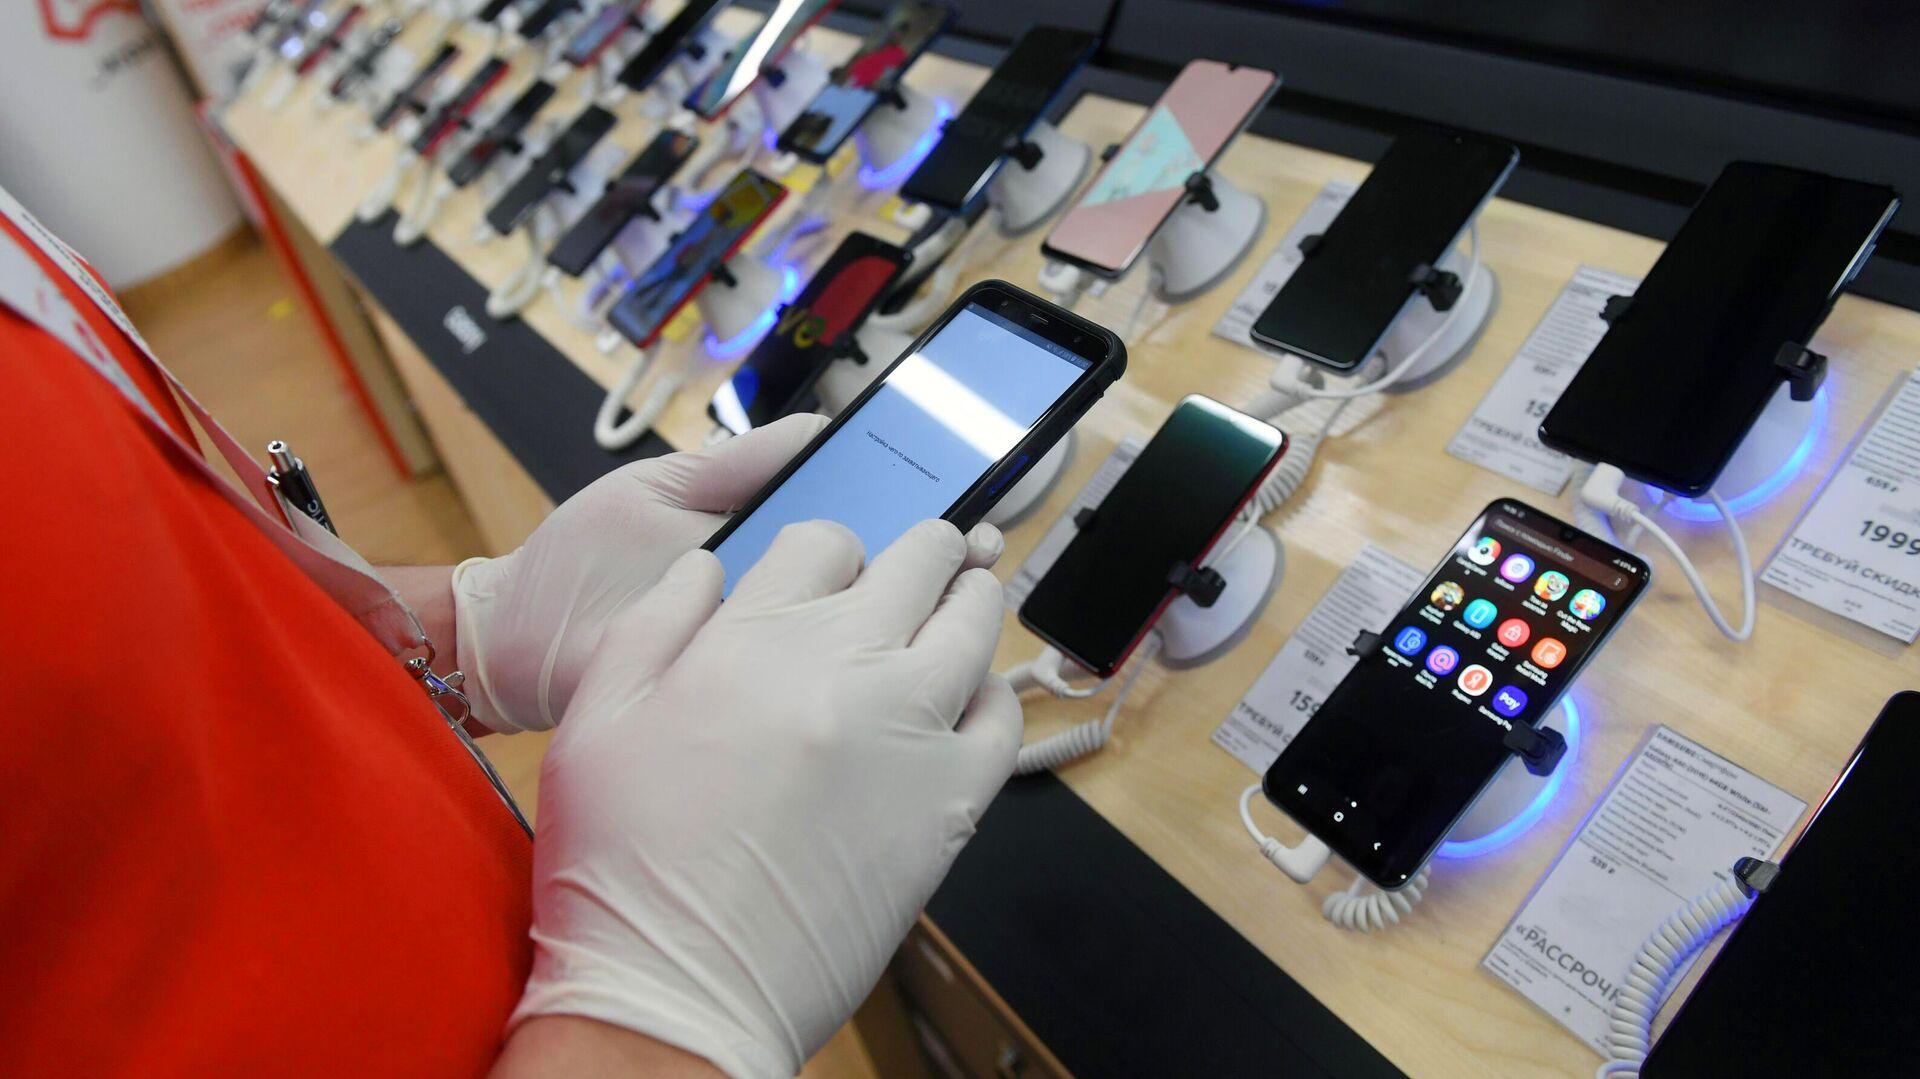 Эксперты предупредили об утечке данных миллионов Android-смартфонов